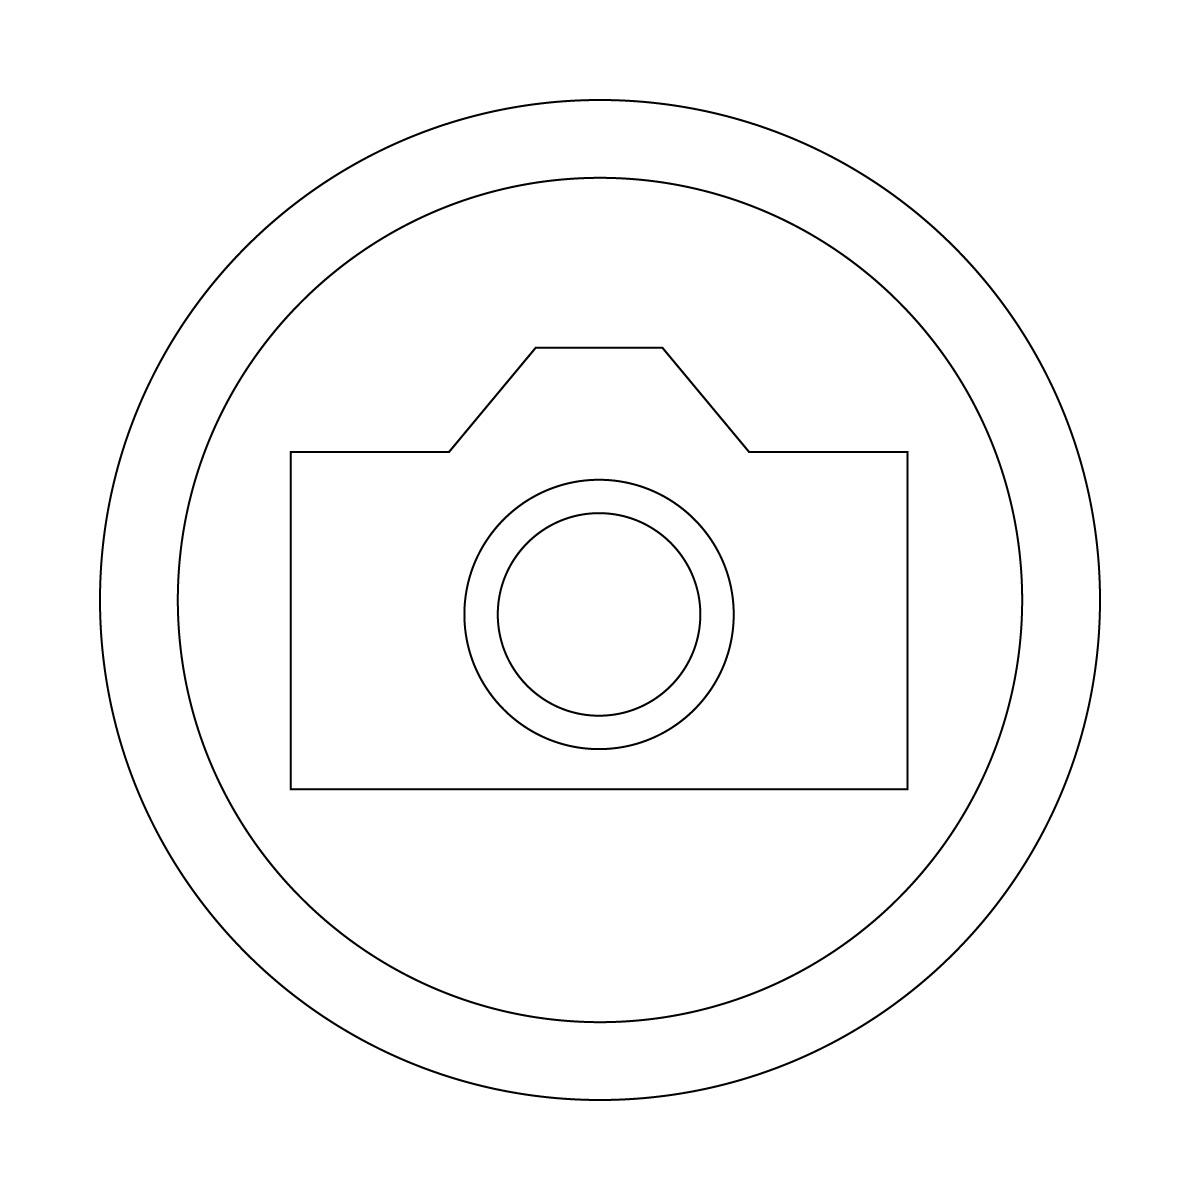 白い撮影を許可するマークのカッティングステッカー